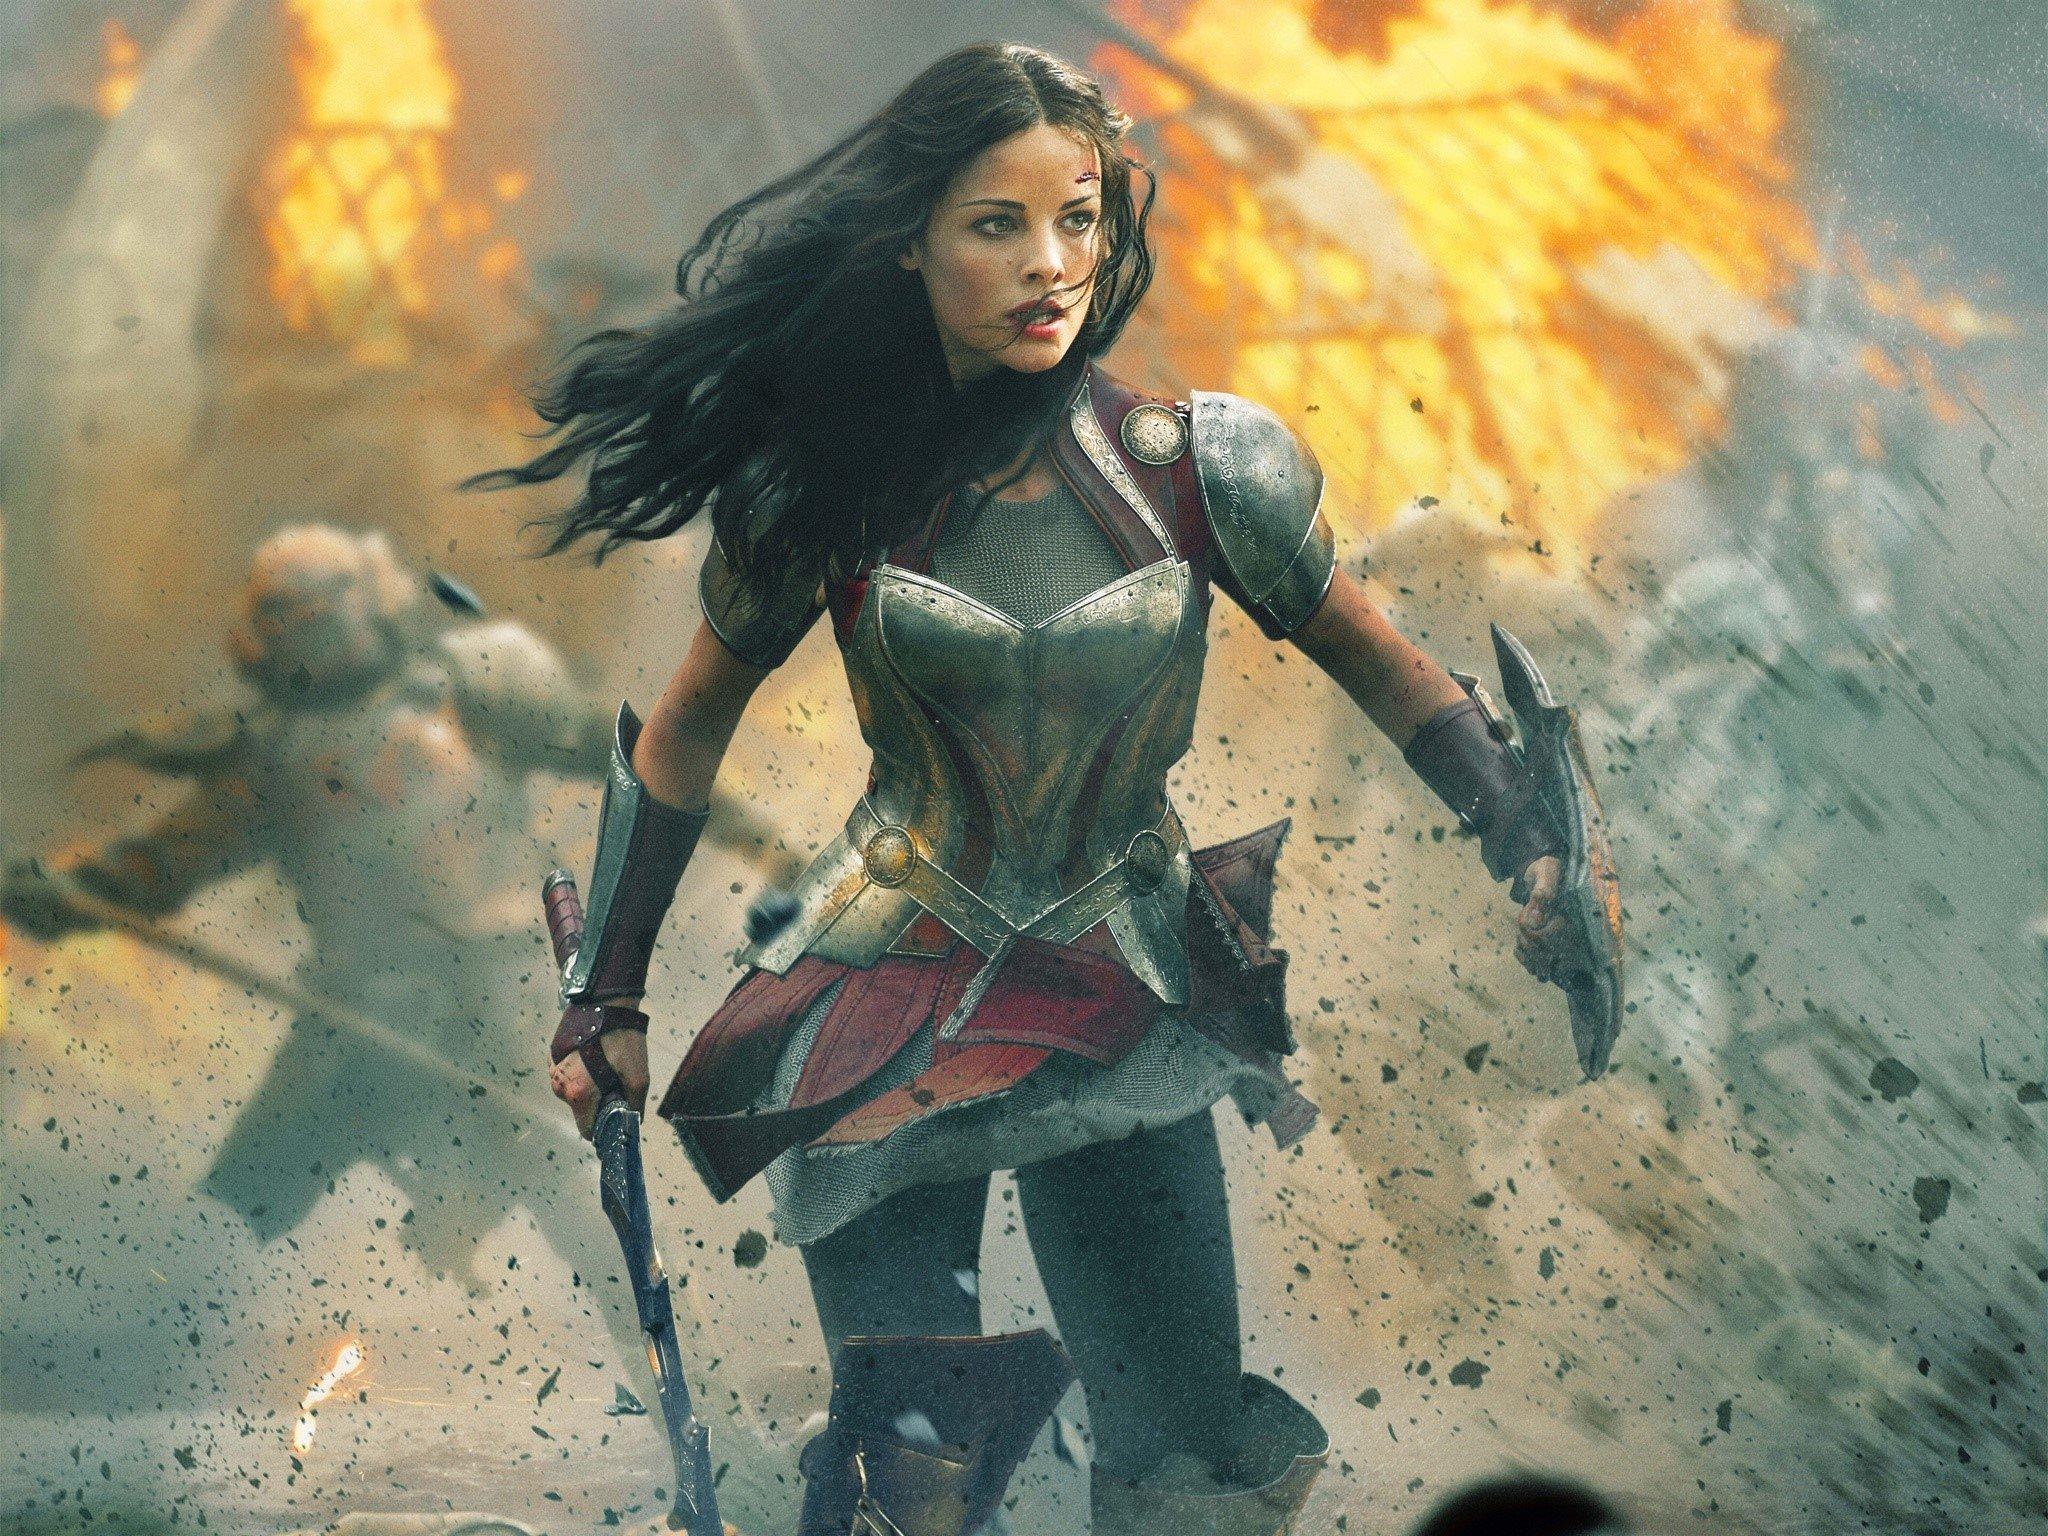 Fondos de pantalla Jaimie Alexander en Thor 2